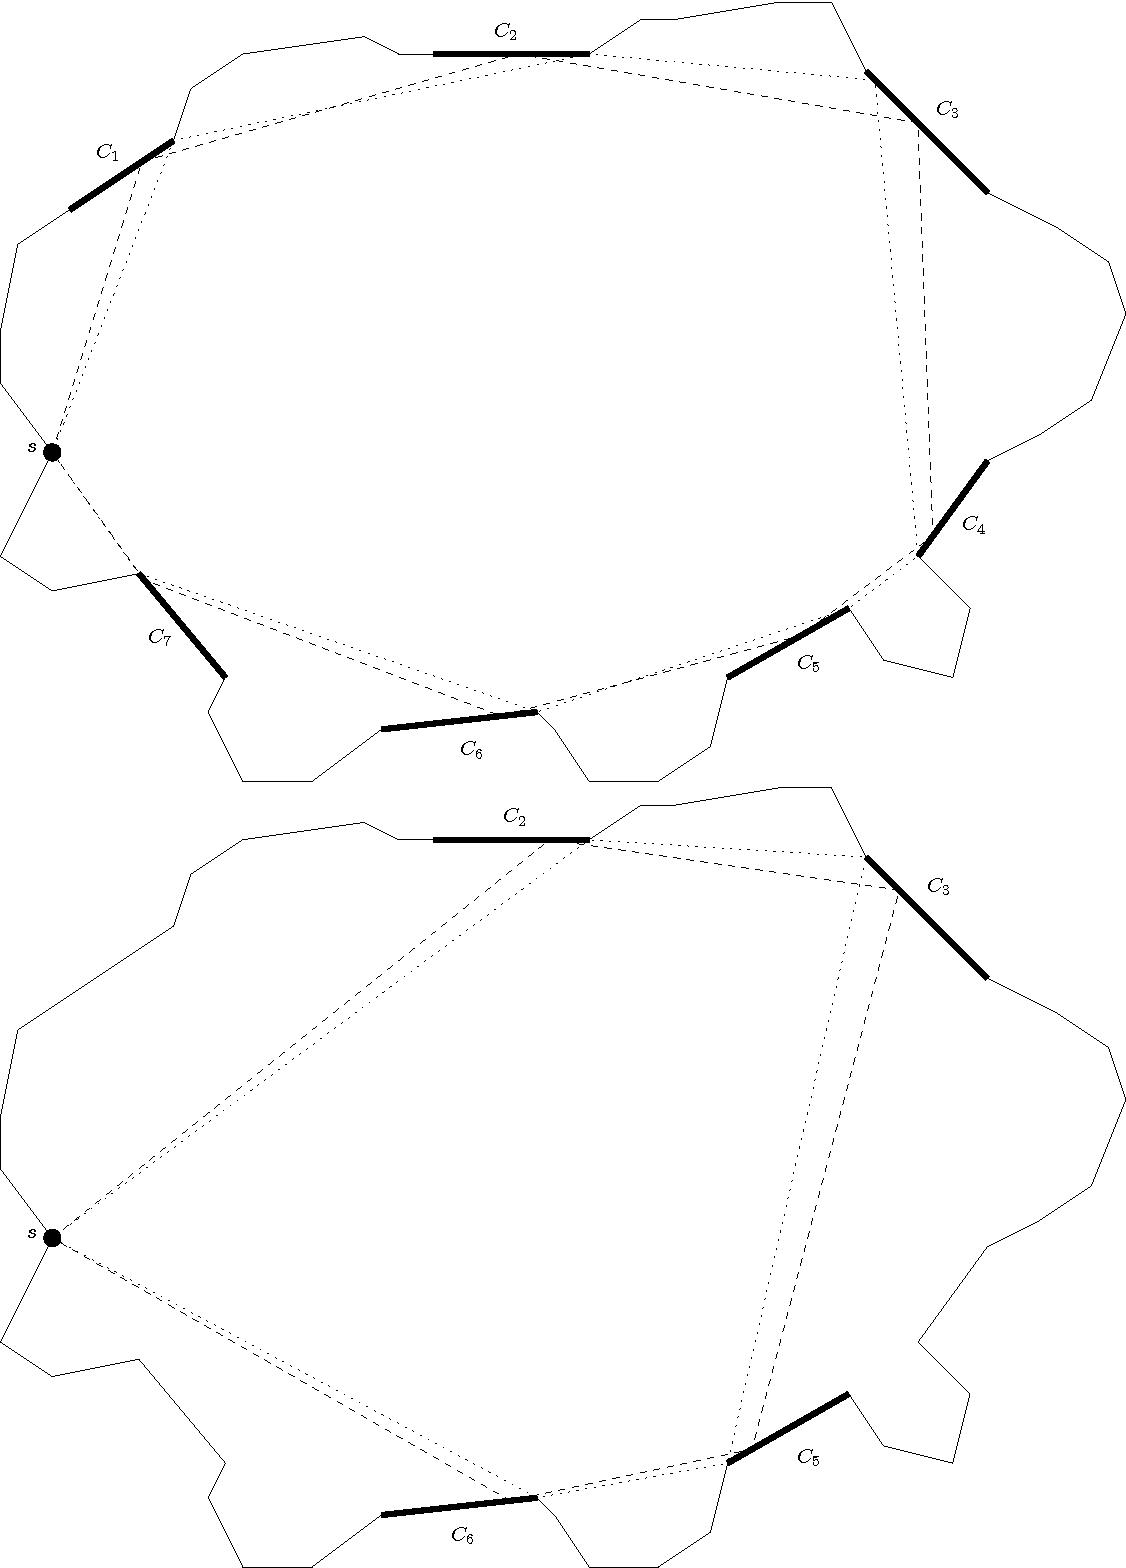 Figure 11: Zoo 2